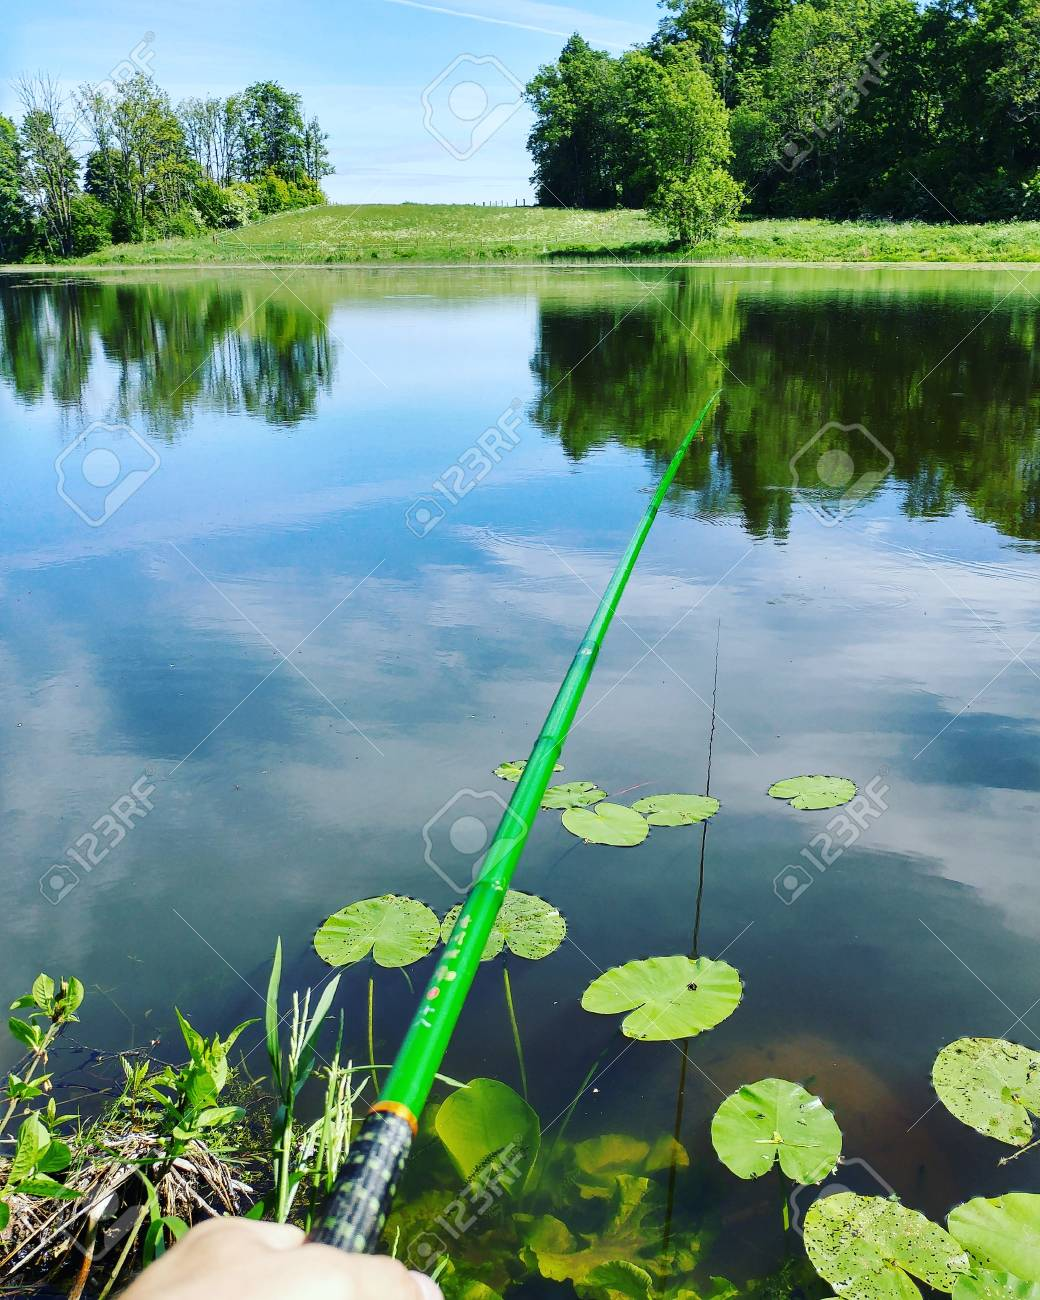 Fishing - 92402577